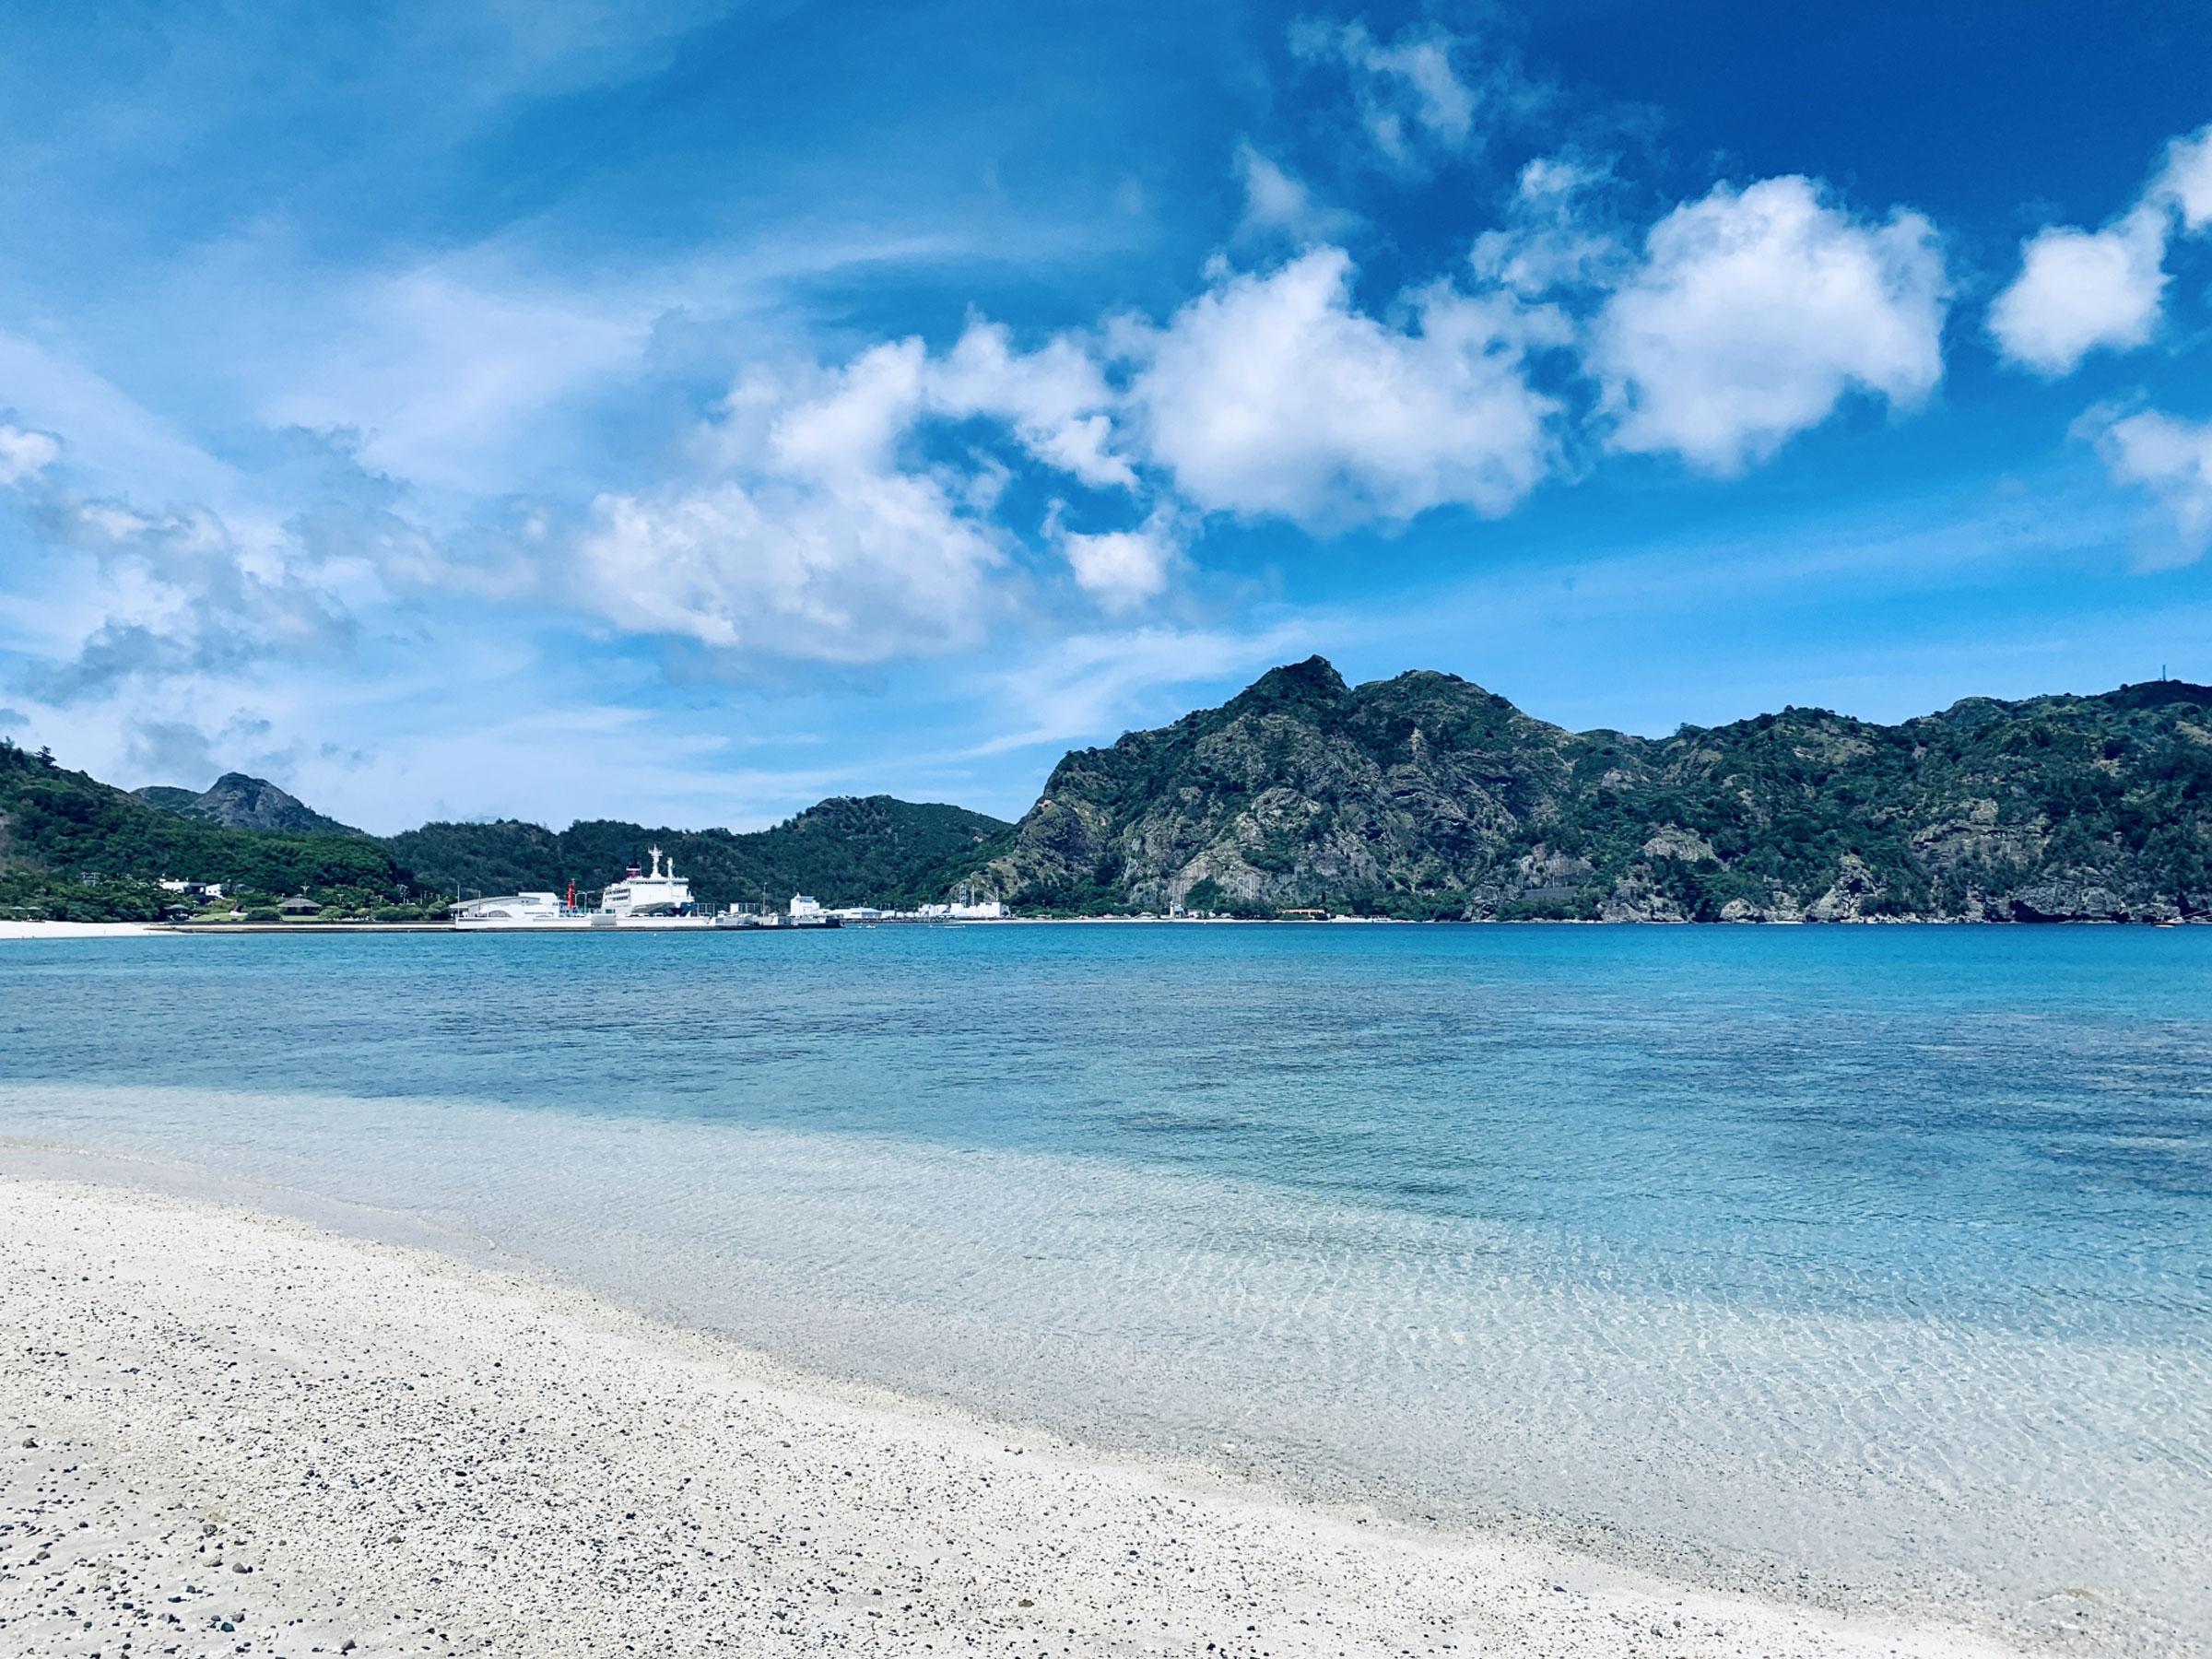 【東京都】夏の絶景・風物詩5選 澄んだ海と白浜が美しい離島のビーチ